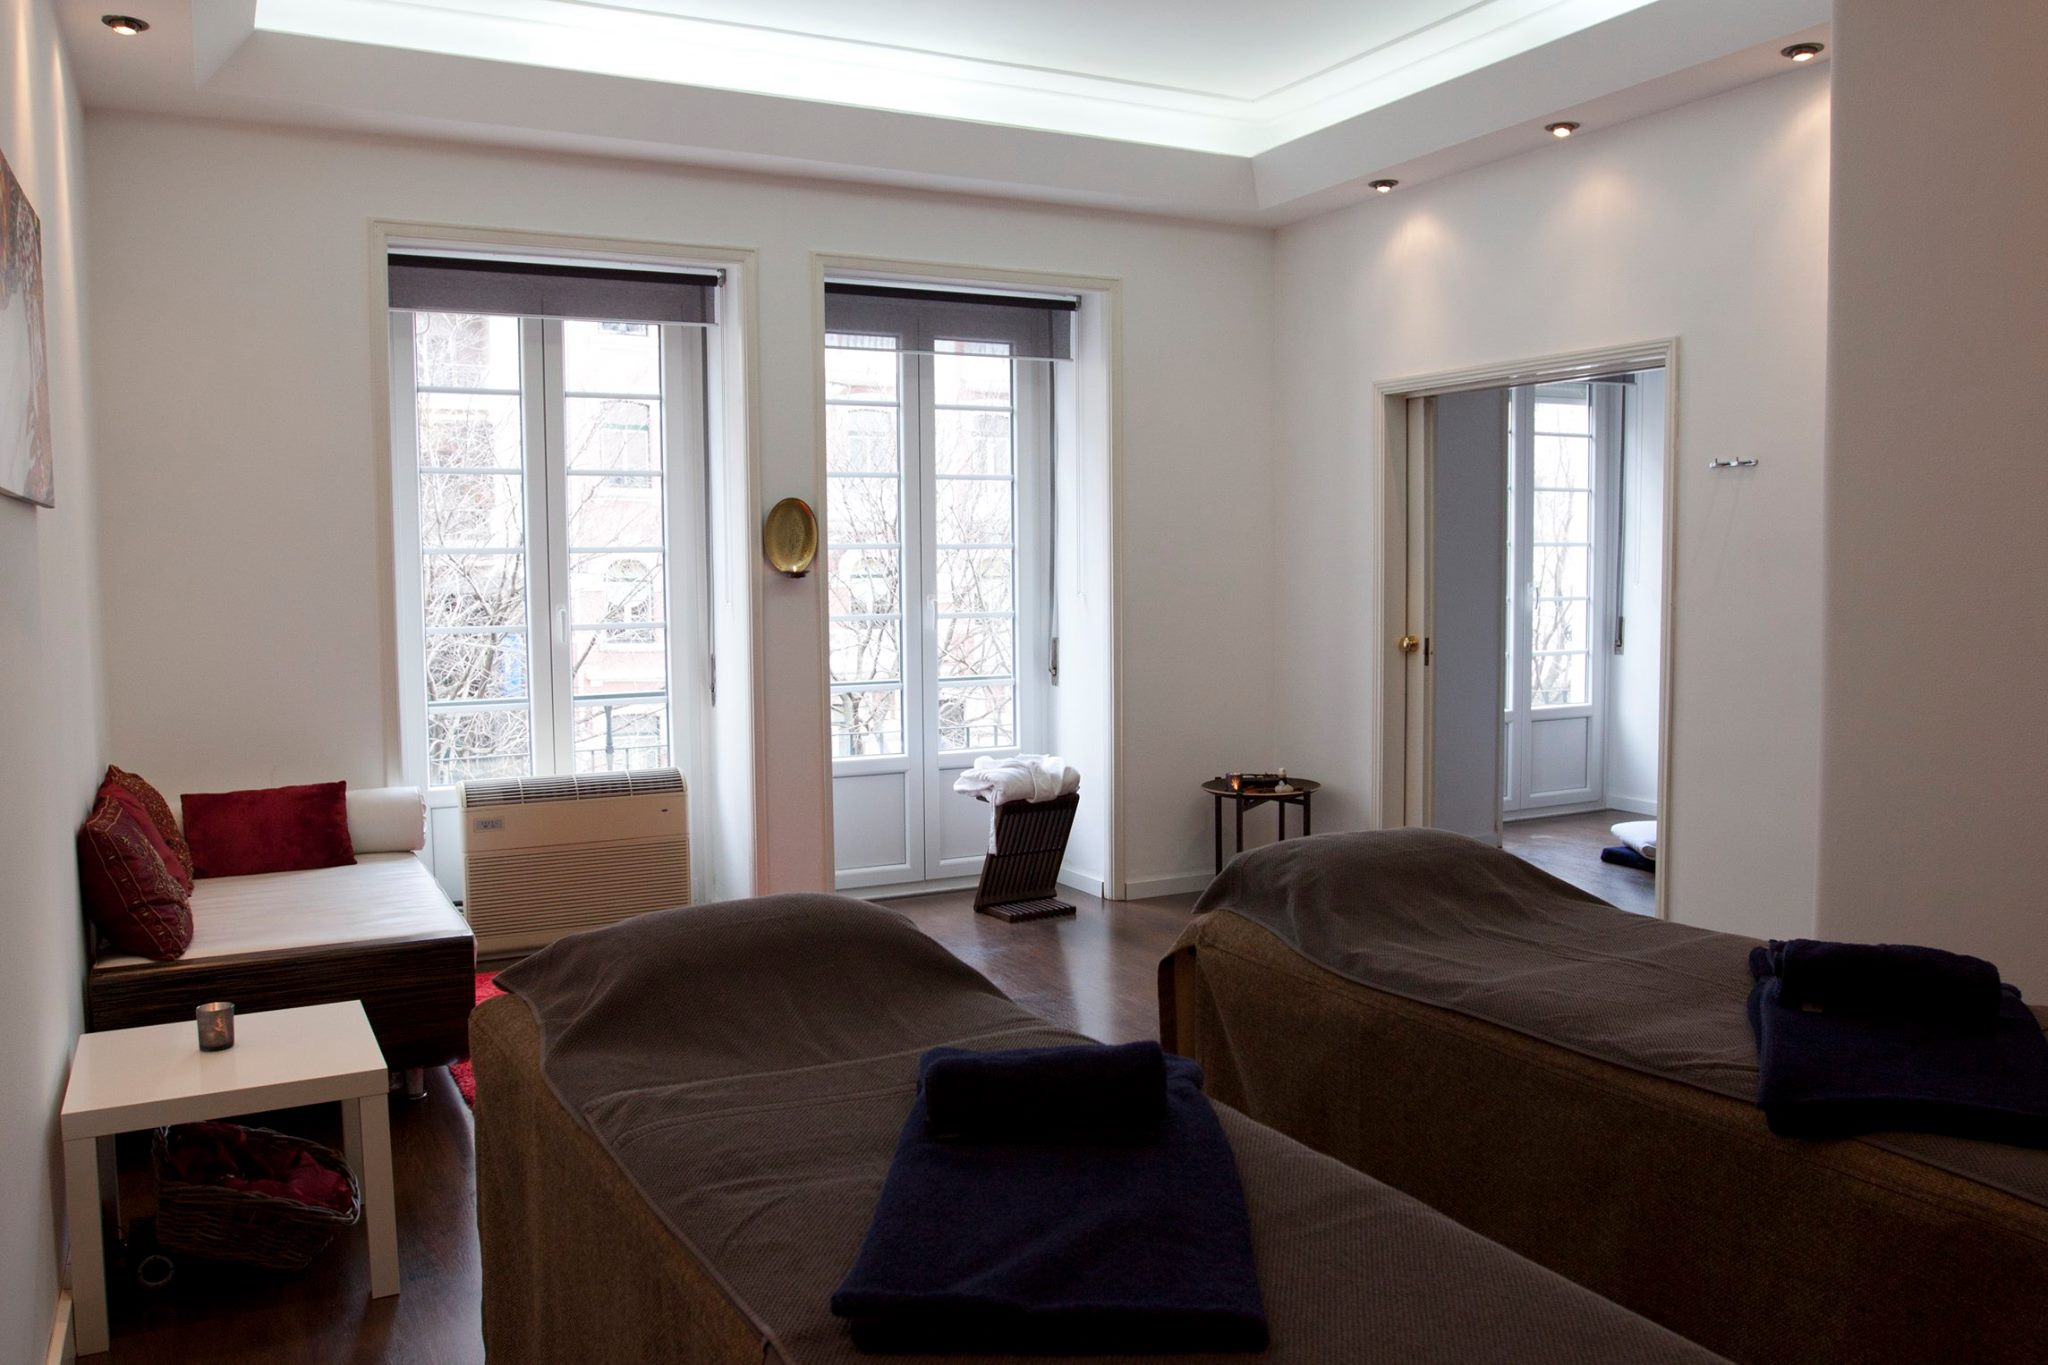 Salle de massage Duo - Spa Acqua Lisboa - Lisbonne